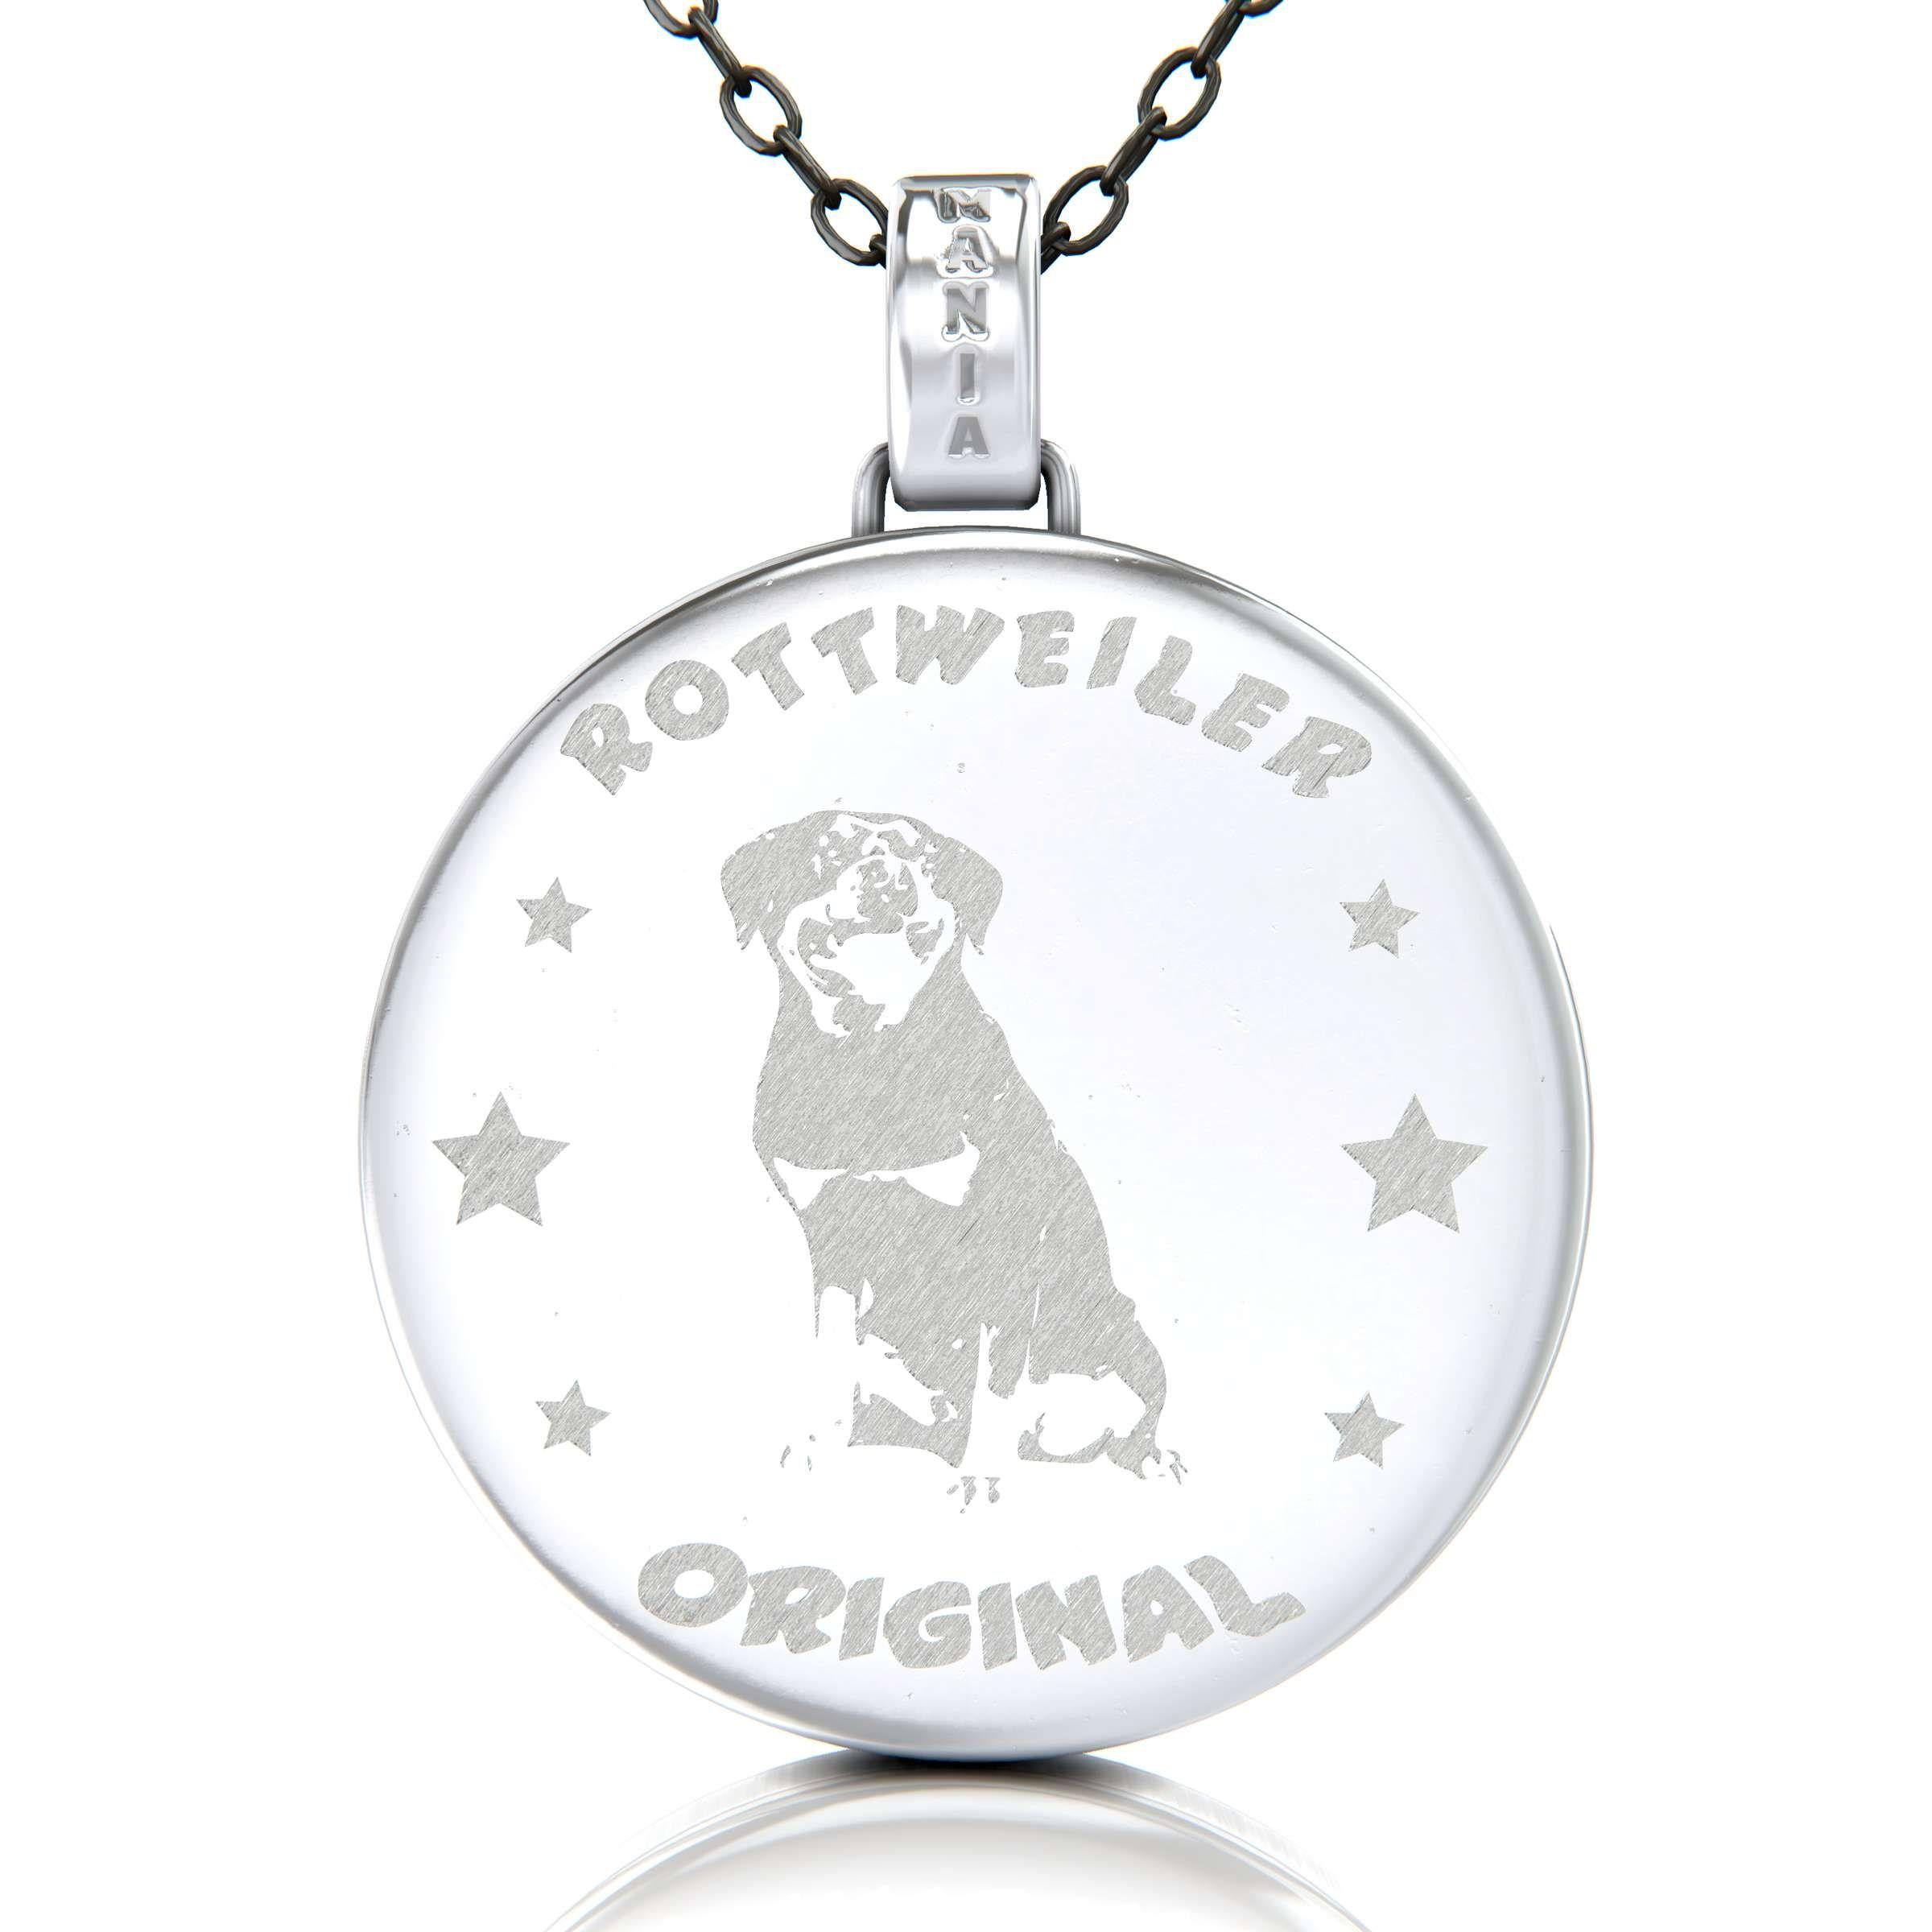 Rottweiler Hund Kette Mit Gravur Auf Anhanger Aus 925 Silber Rottweiler Hund Rottweiler Gravur